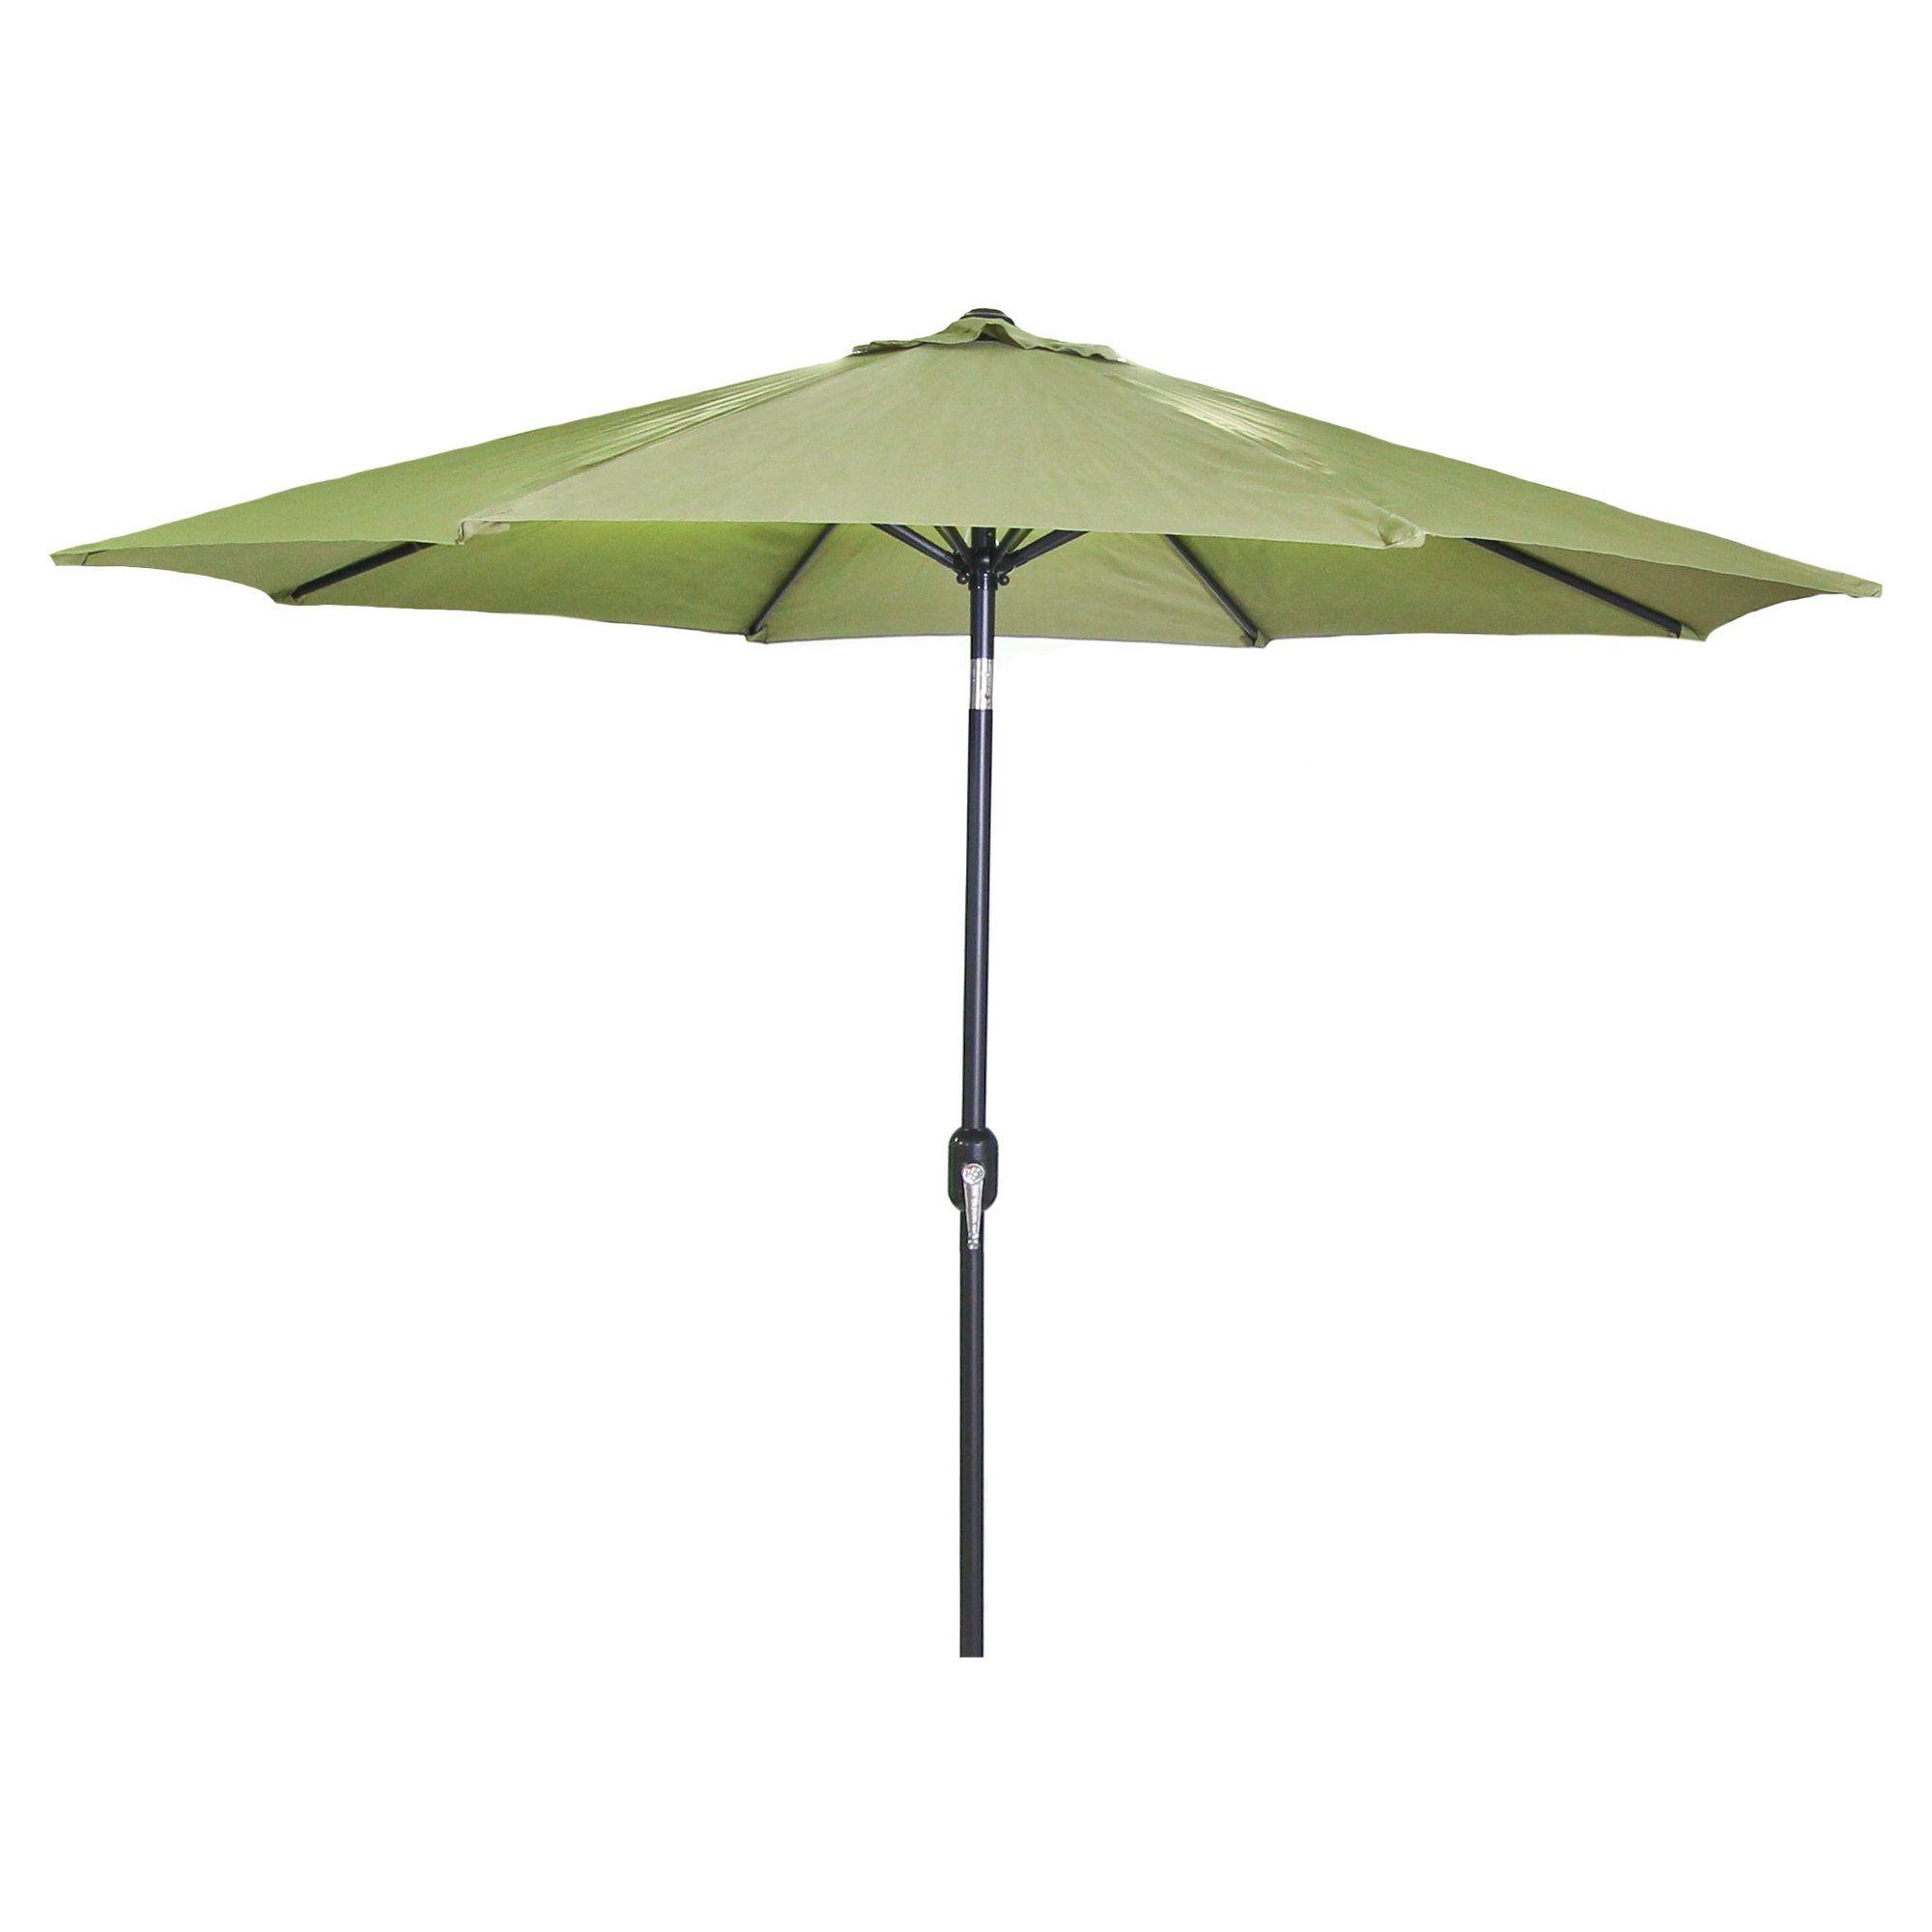 New Haven Market Umbrella (View 3 of 20)